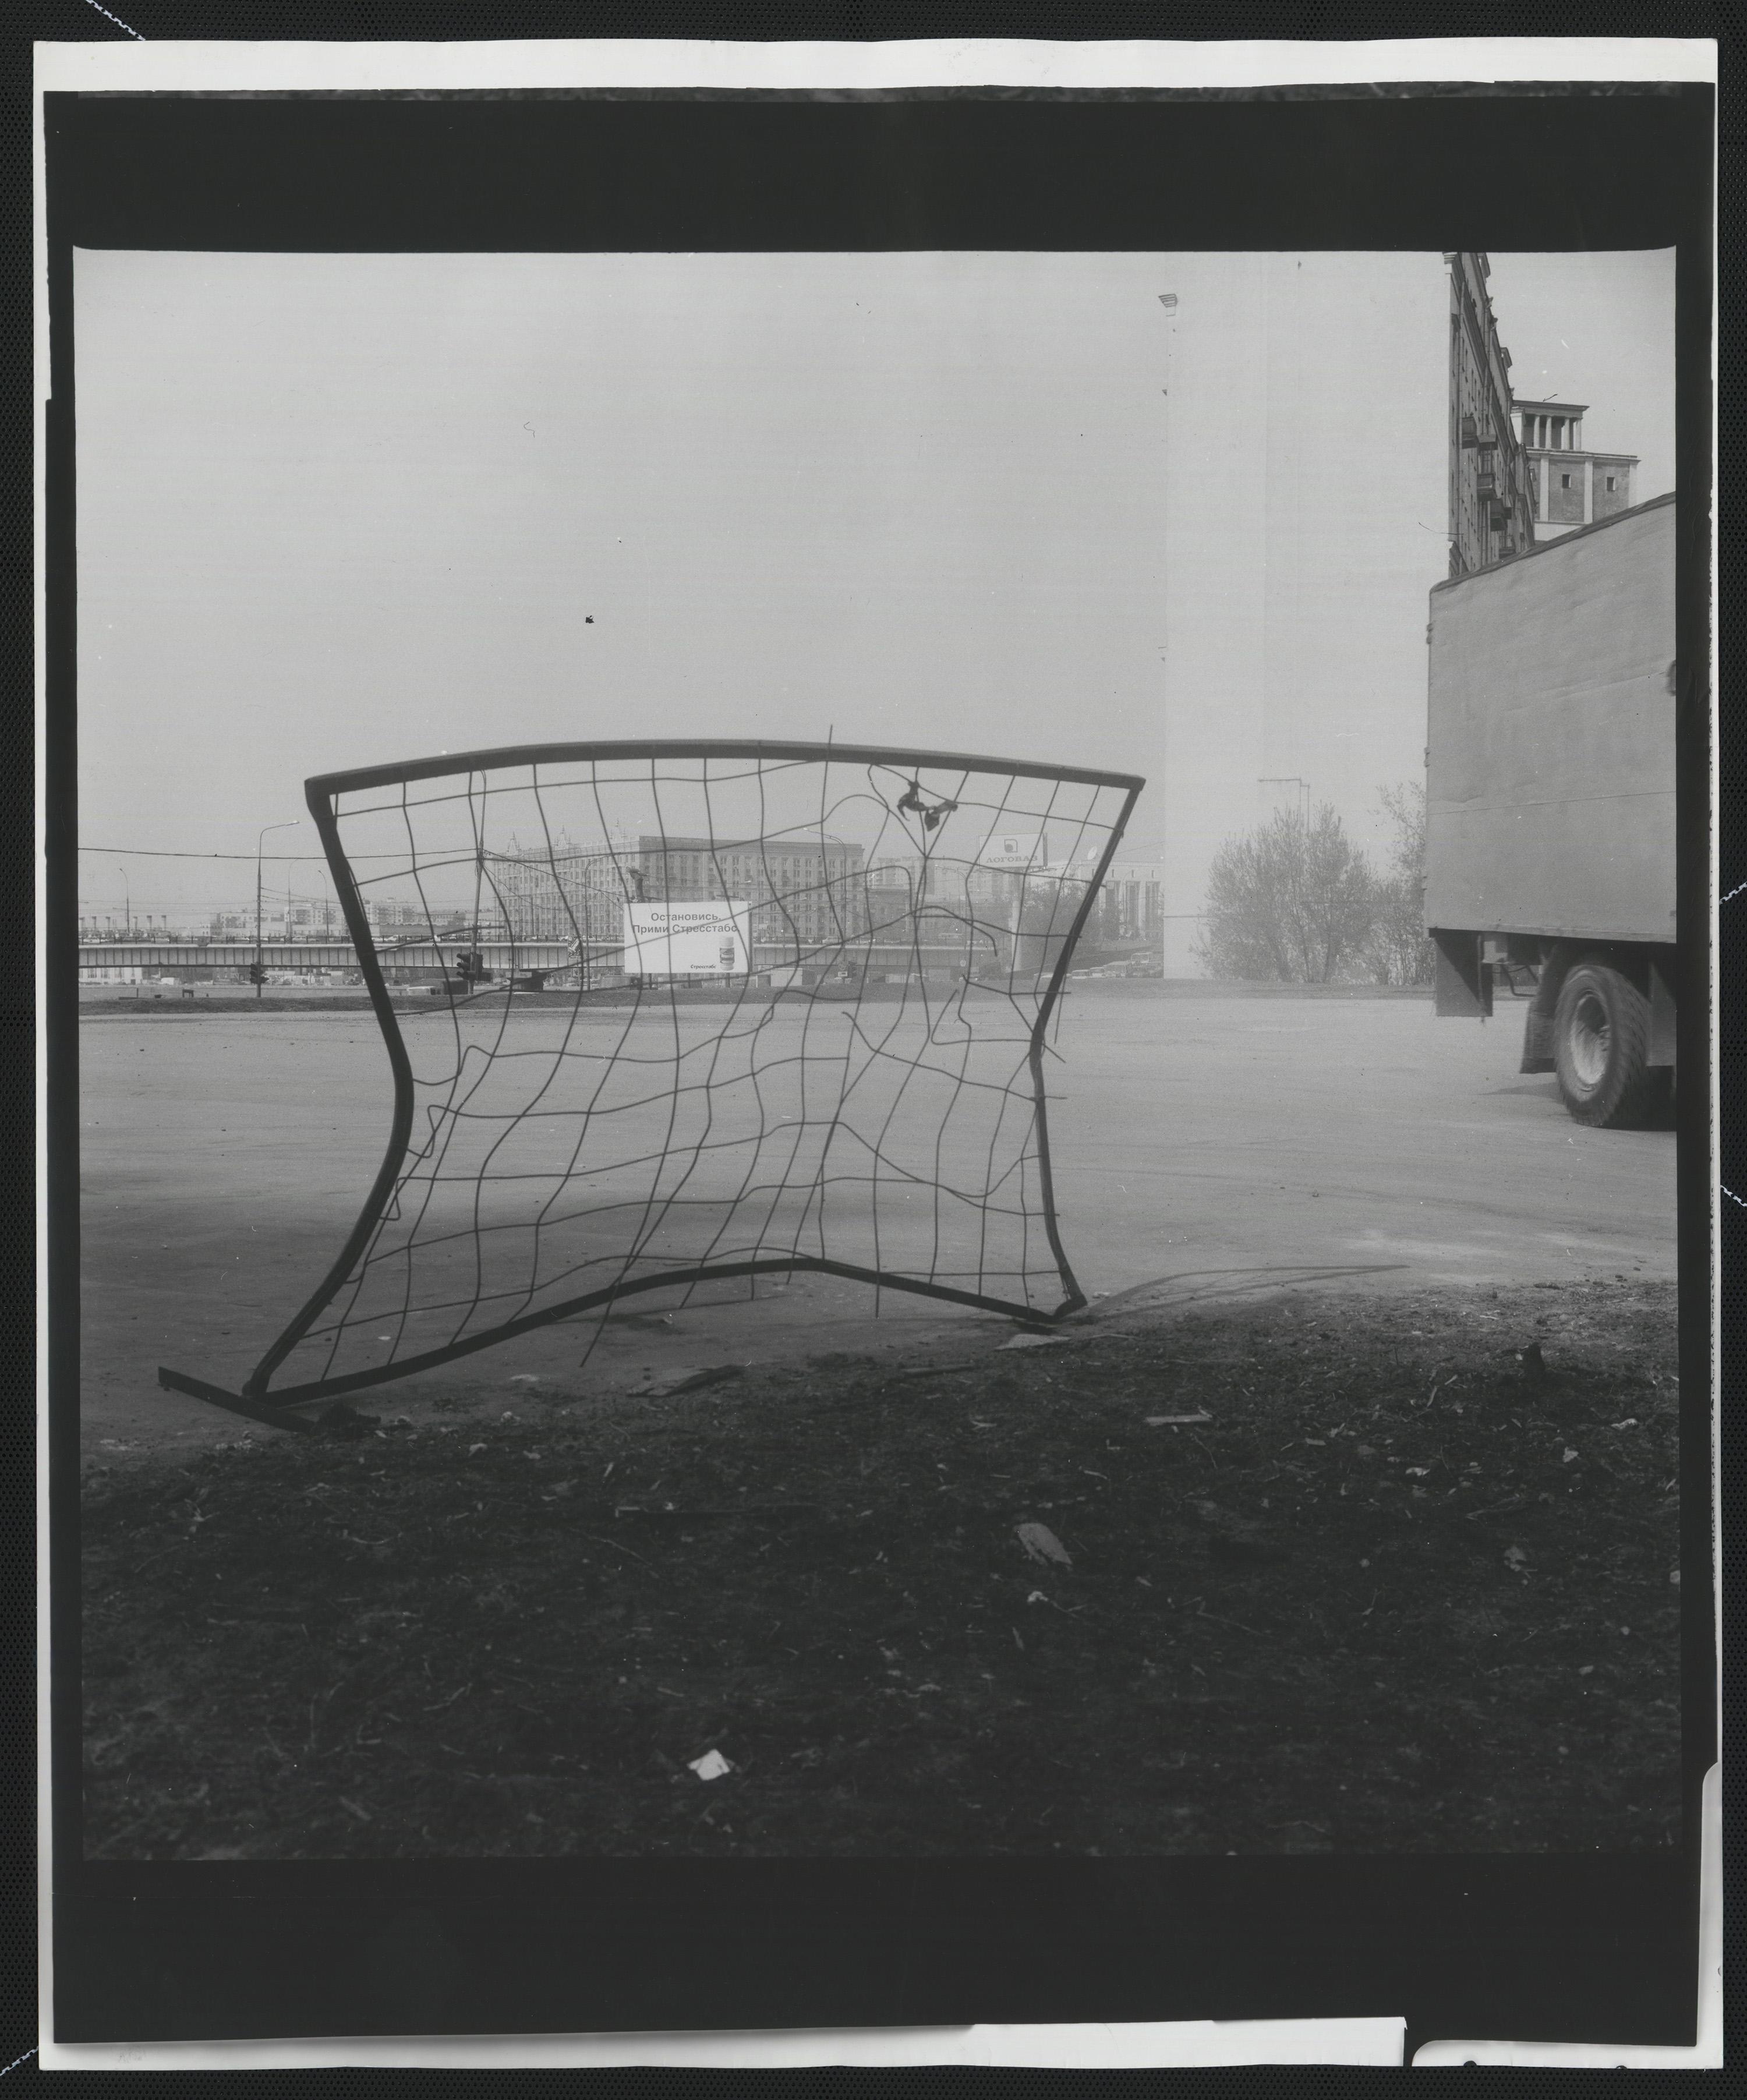 Александр Слюсарев. Безназвания. 1995. Авторская печать. Серебряно-желатиновый отпечаток.